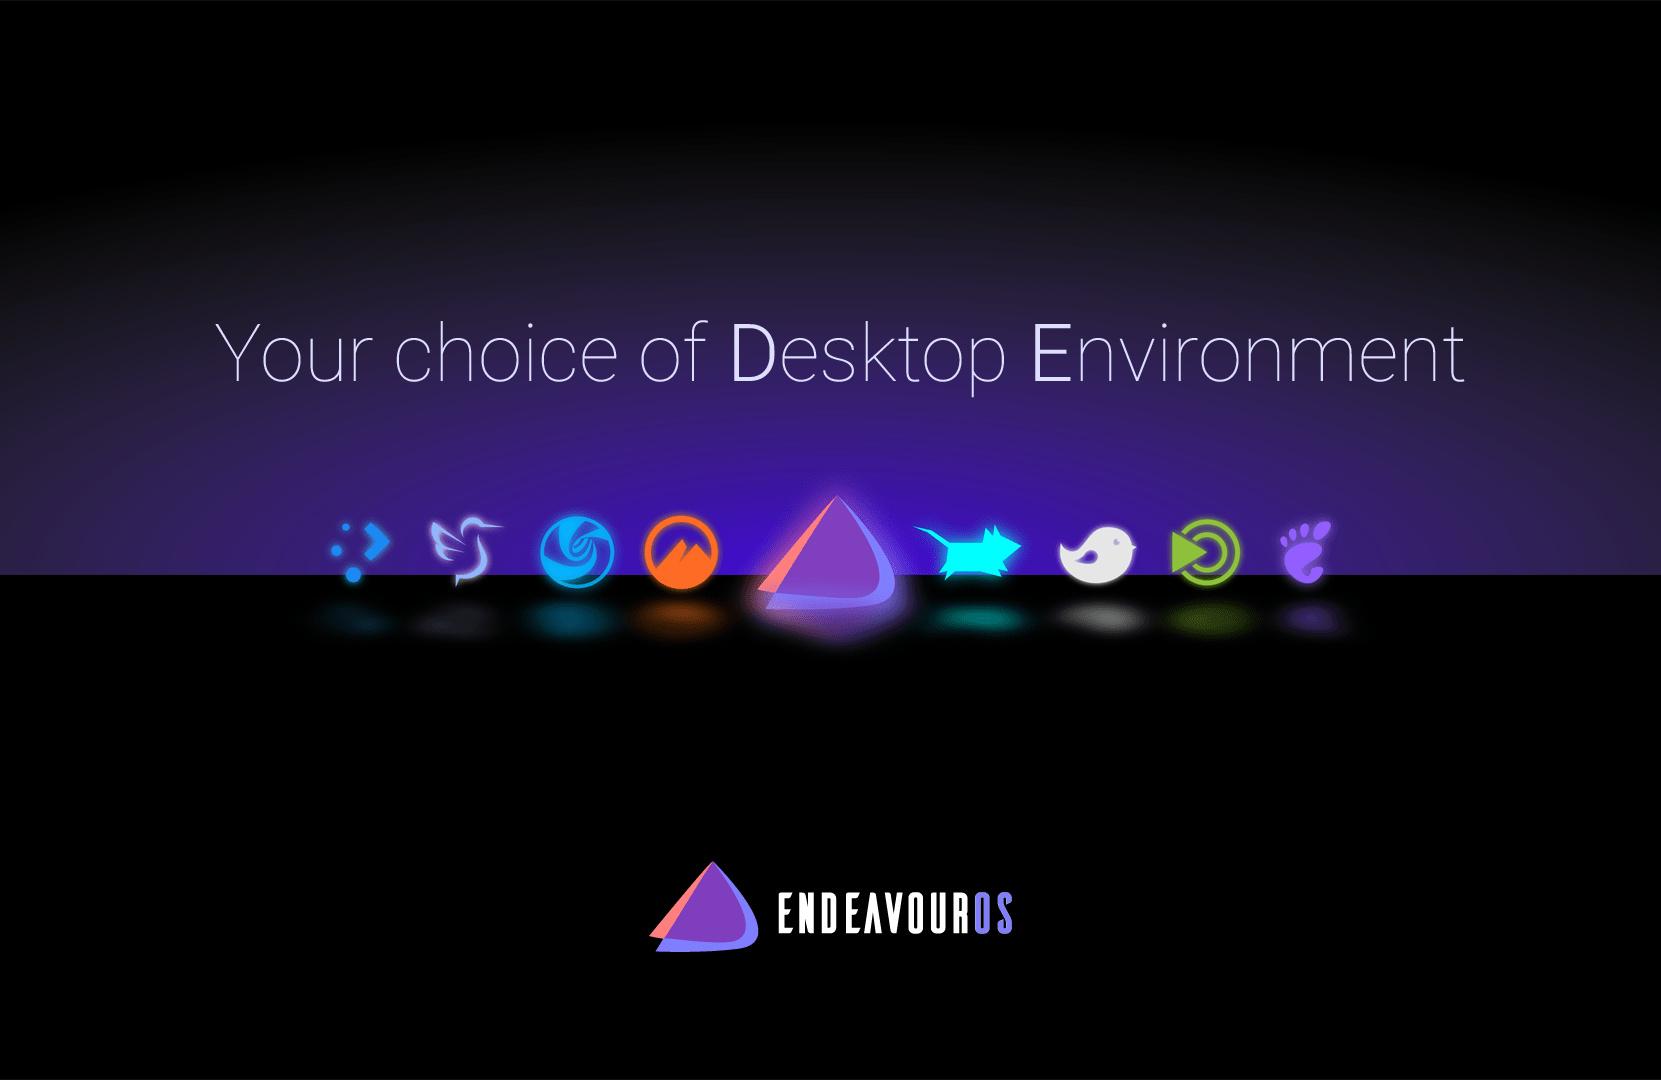 EndeavourOS bietet eine Auswahl von neuen Desktop-Umgebungen